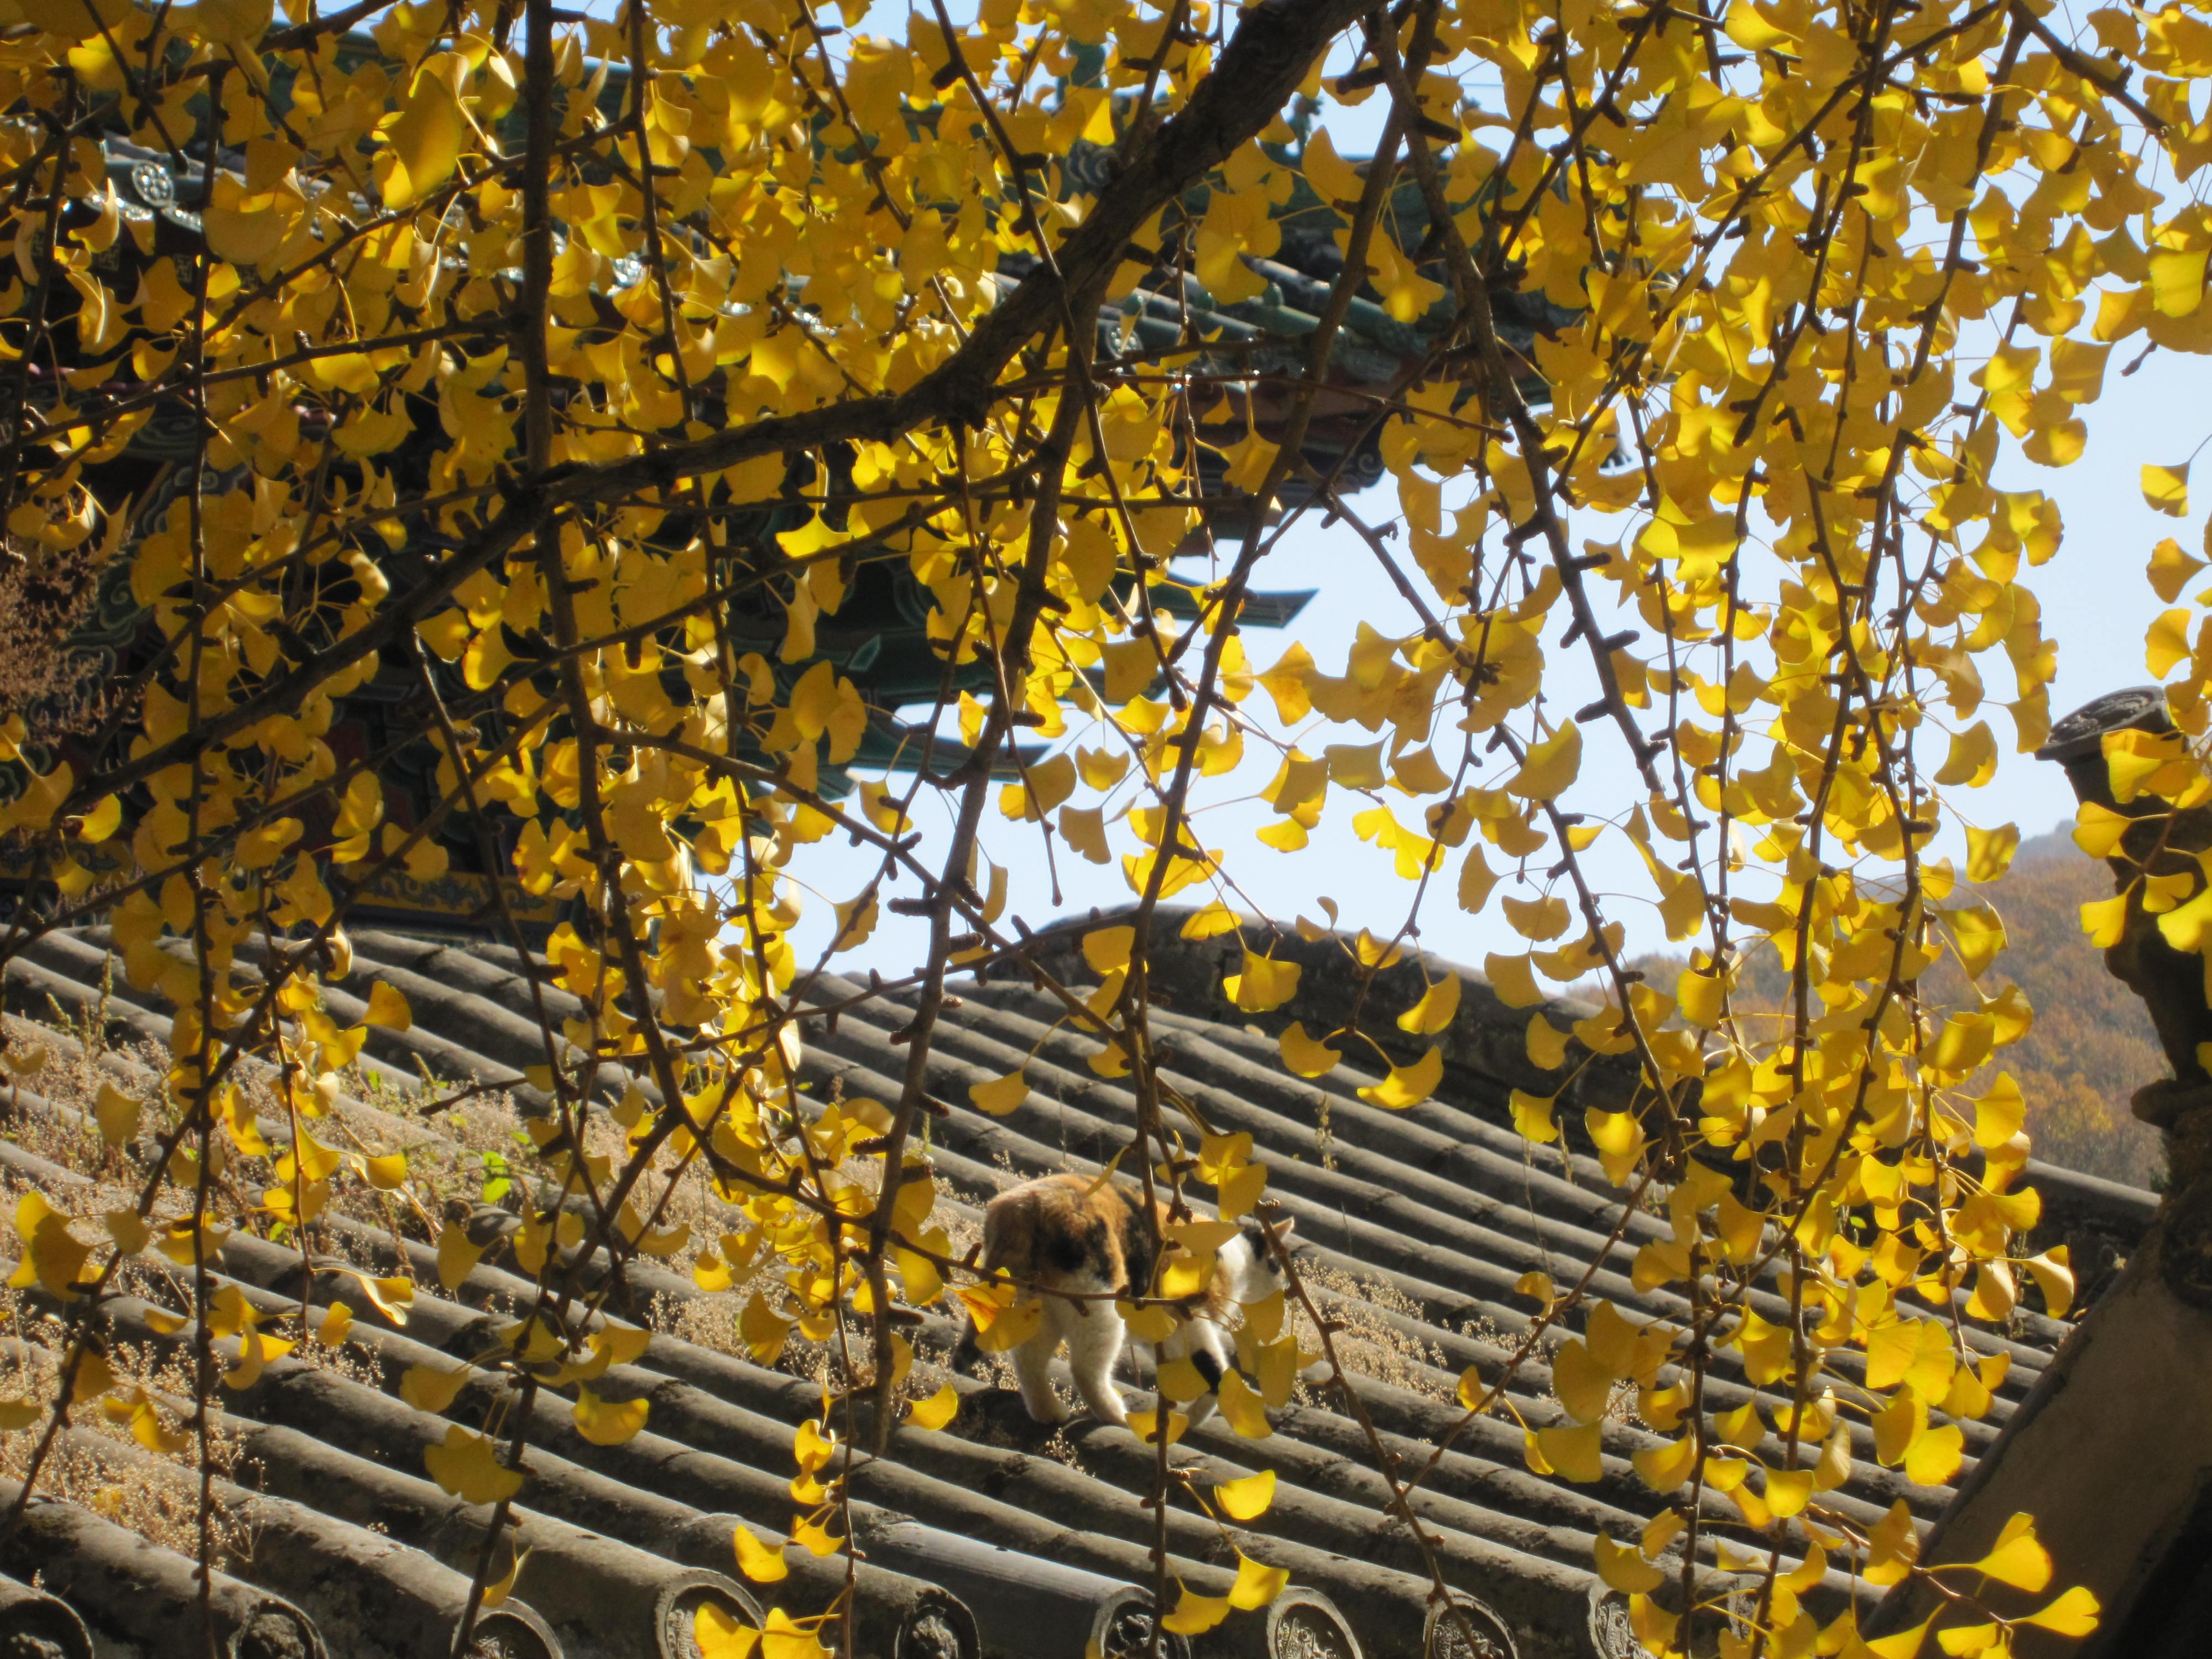 壁纸 风景 森林 银杏 银杏树